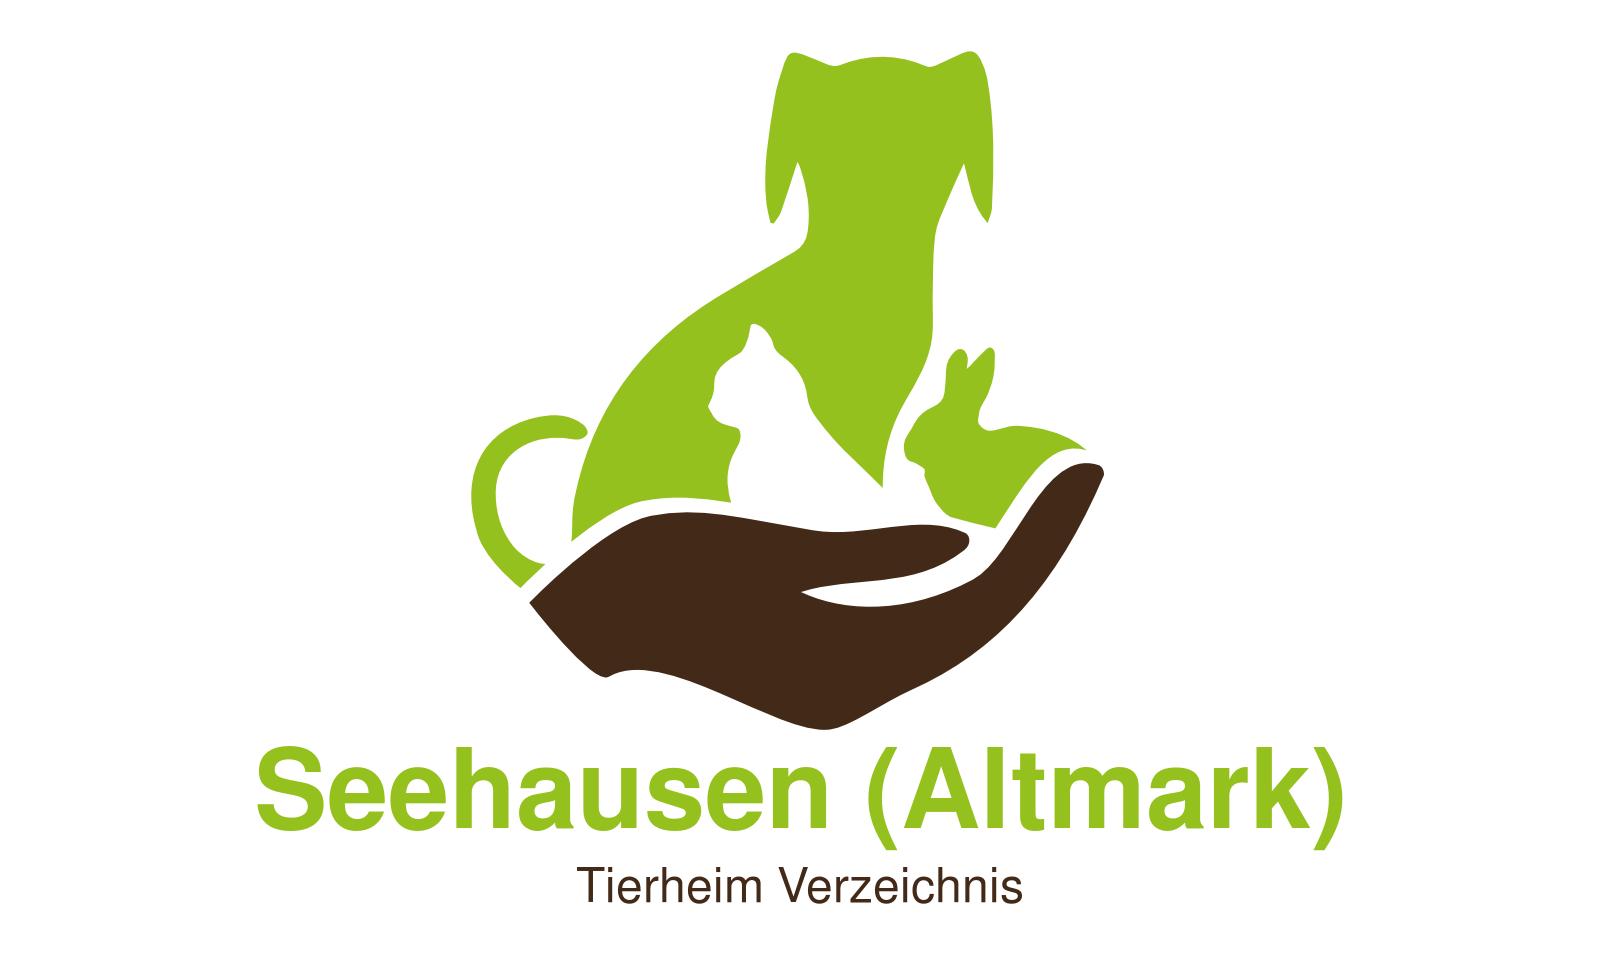 Tierheim Seehausen (Altmark)